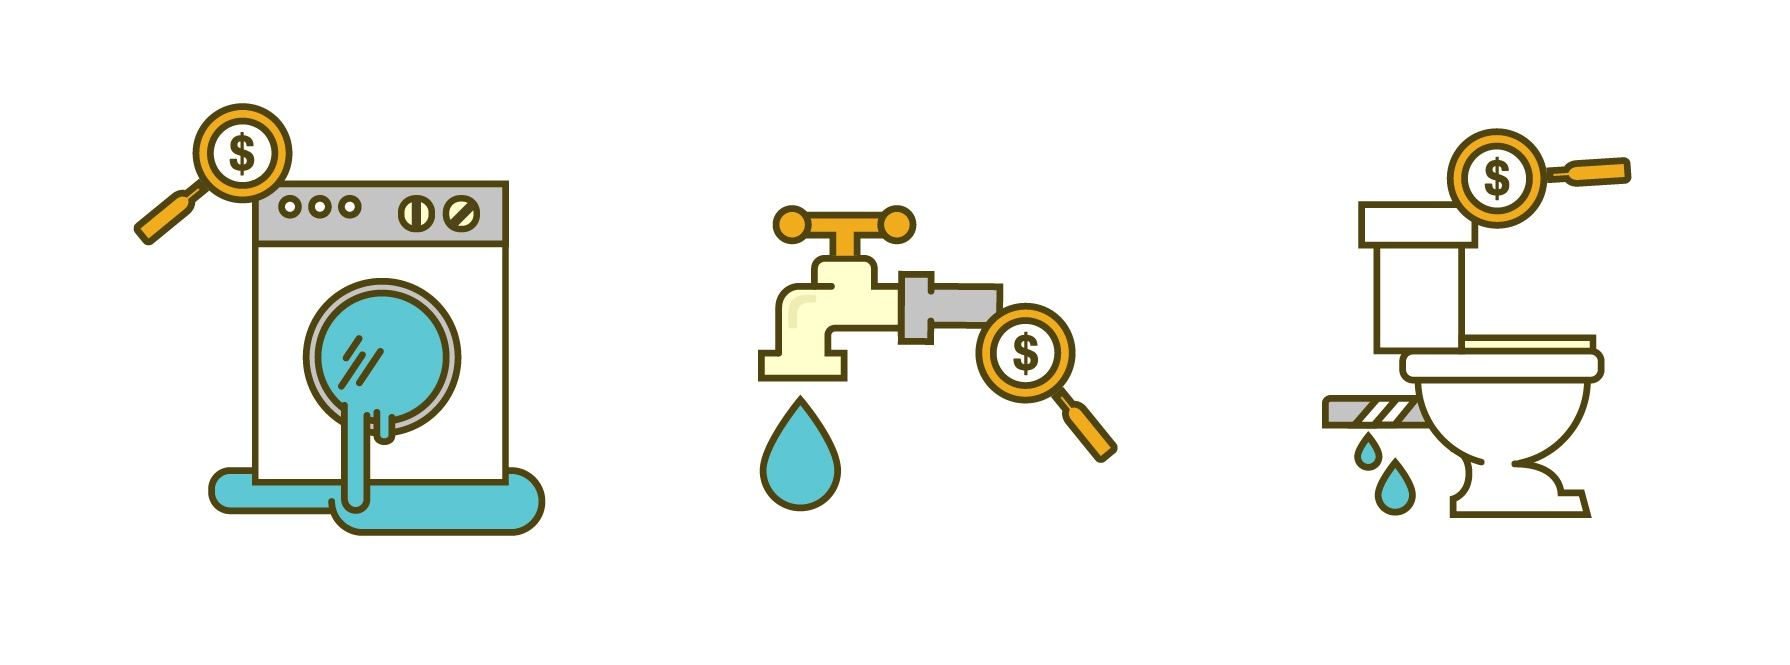 hidden_cost_leak_blog-01